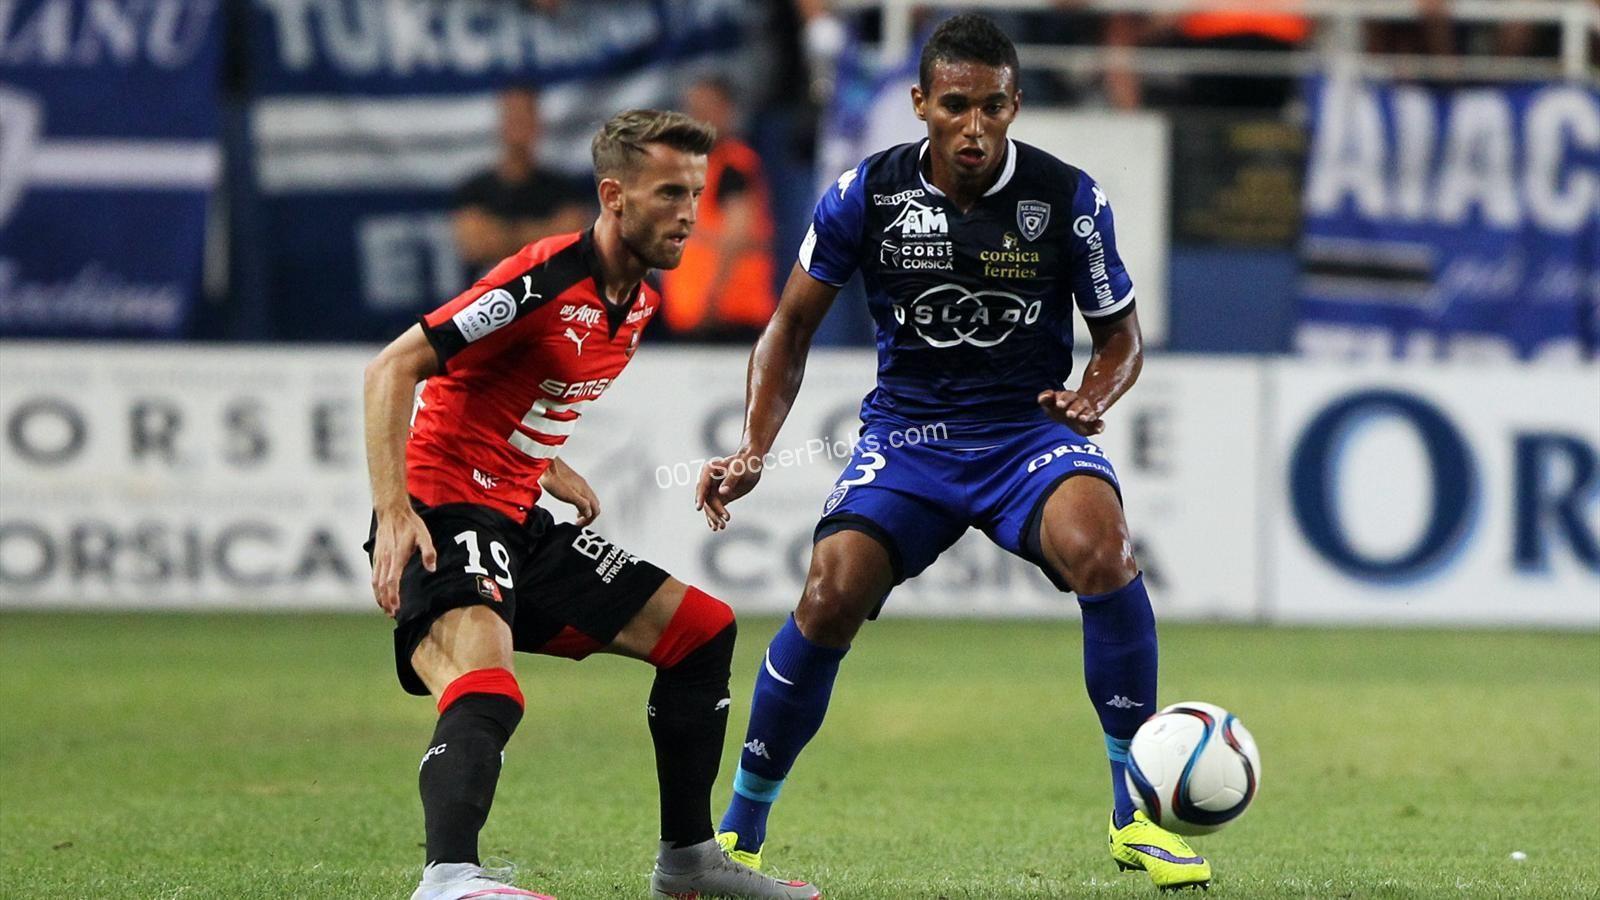 Rennes-Bastia-prediction-preview